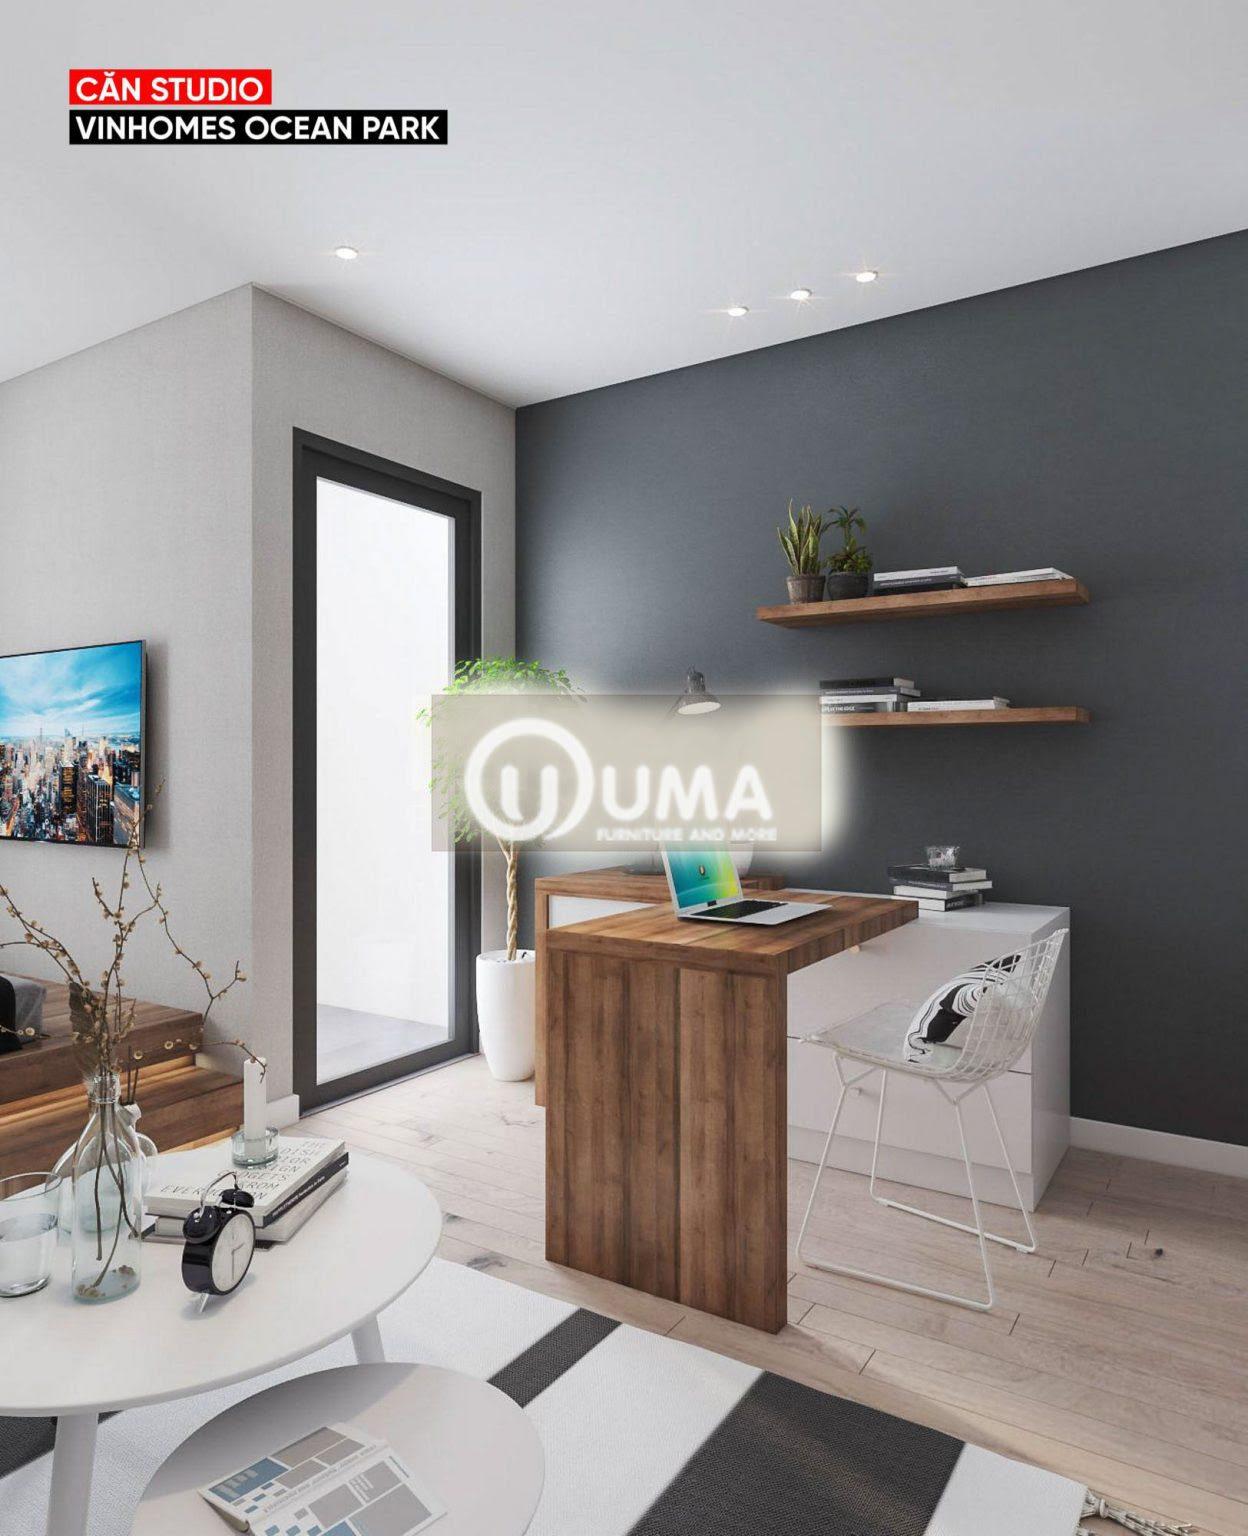 không gian phòng làm việc được thiết kế cũng khá đơn giản chỉ với chiếc bàn bar nhẹ nhàng.